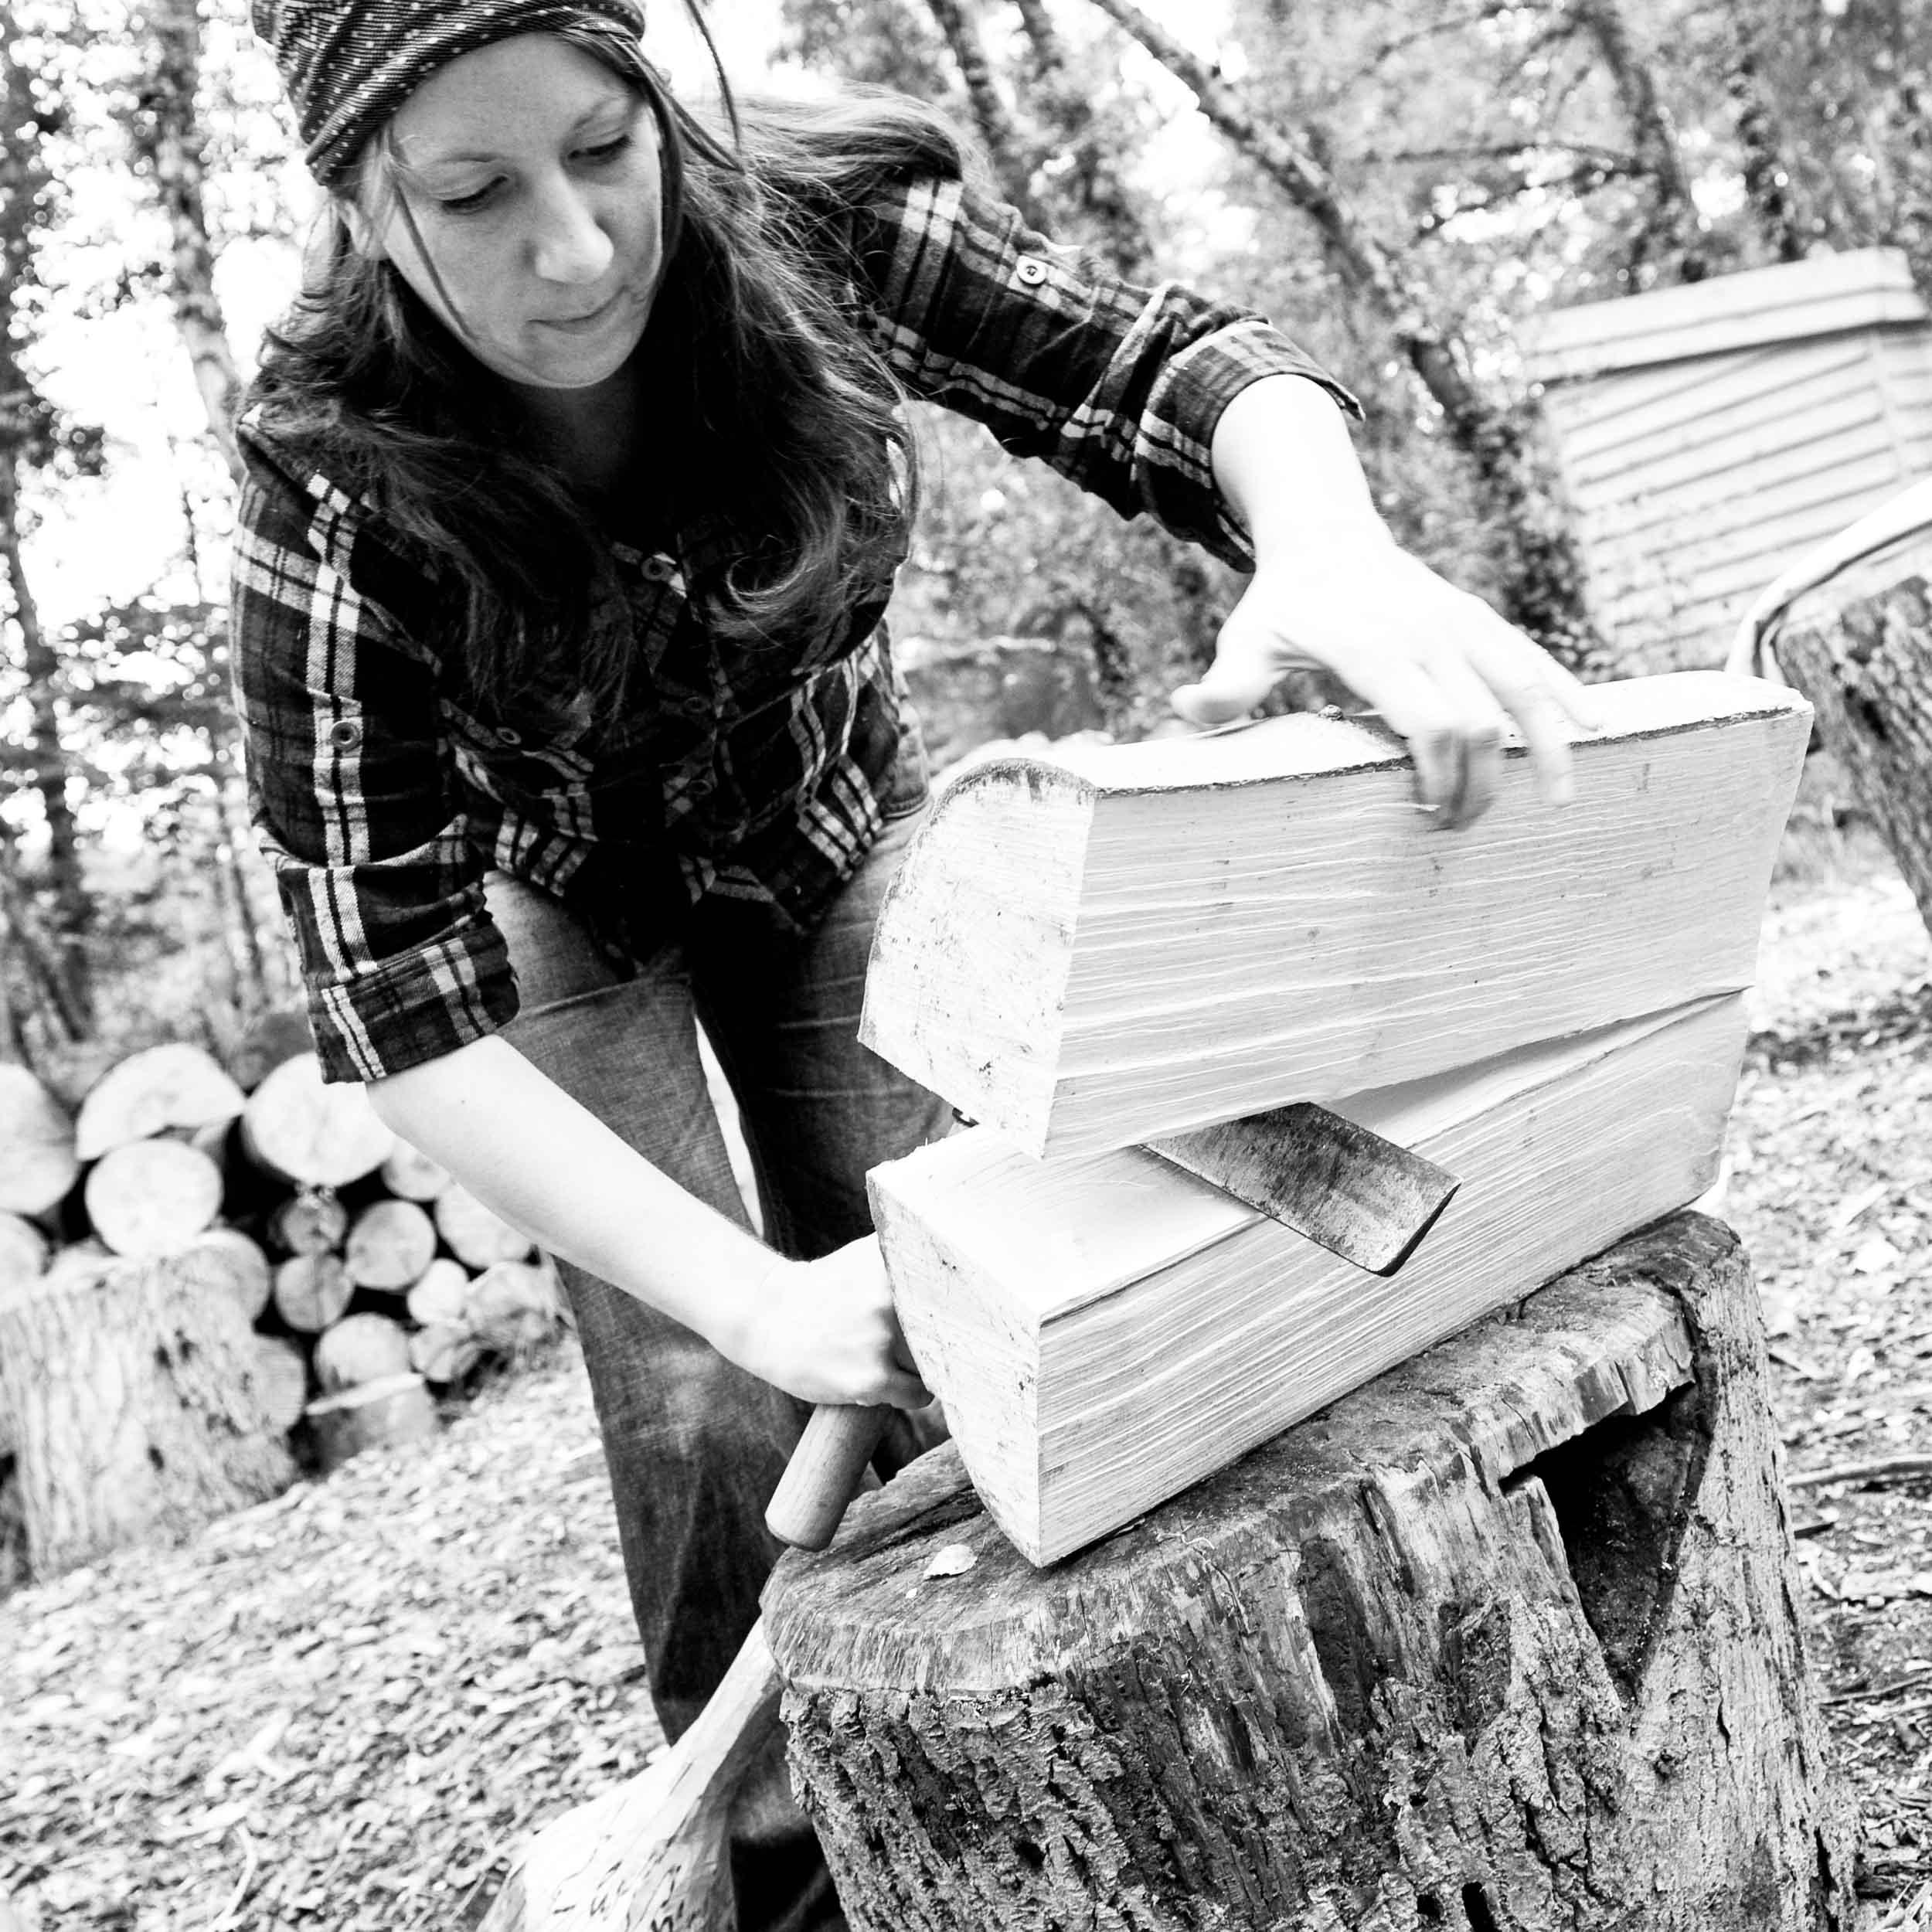 MC woodcraft-019.jpg